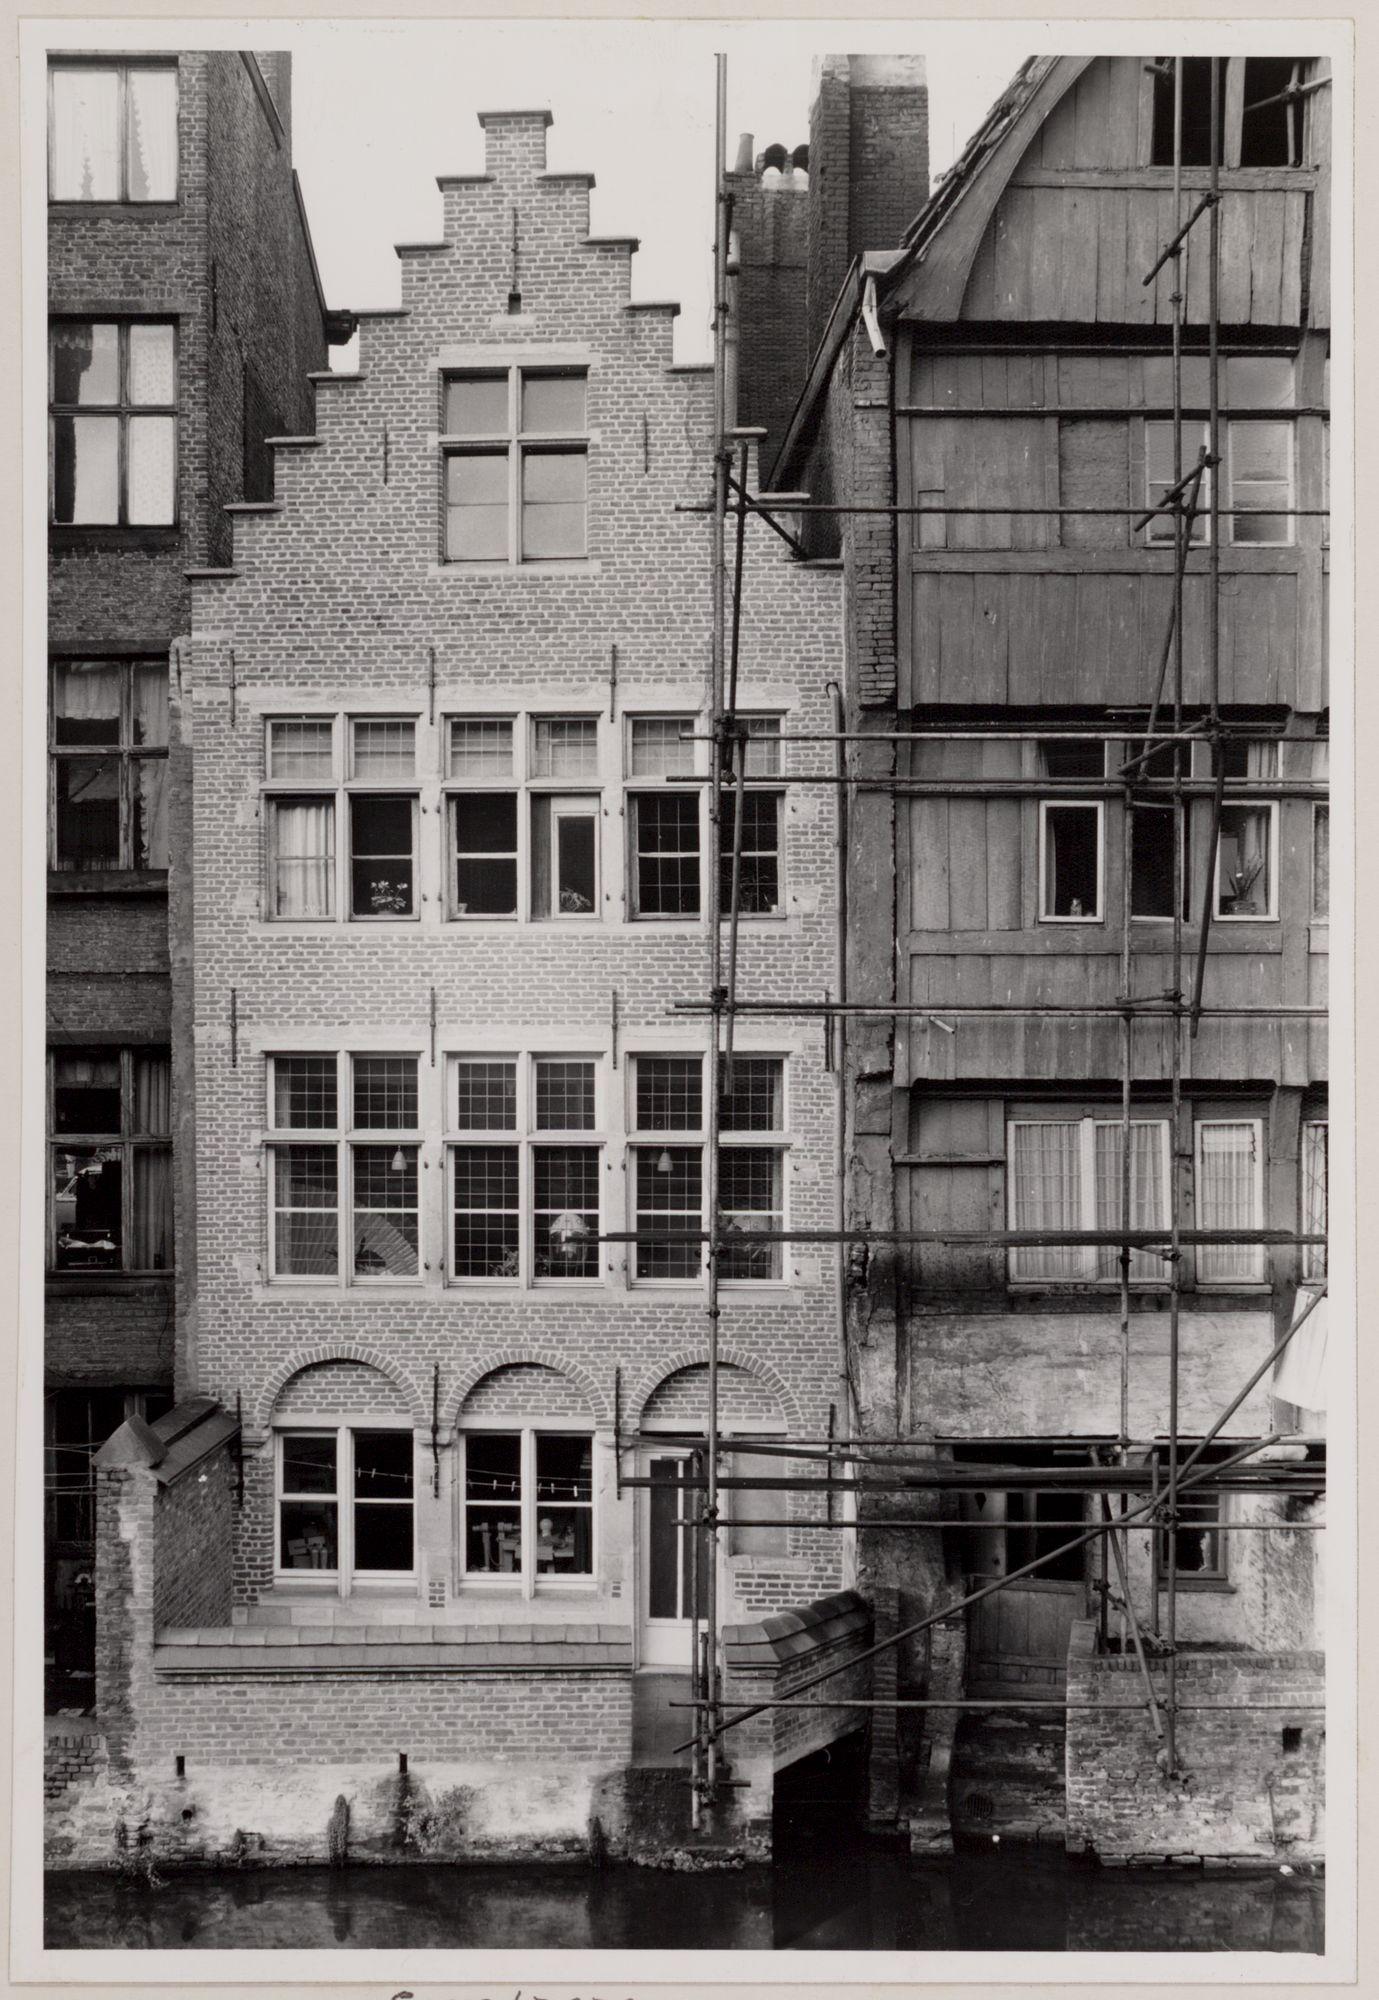 Gent: Trapgevelhuis, Lieve